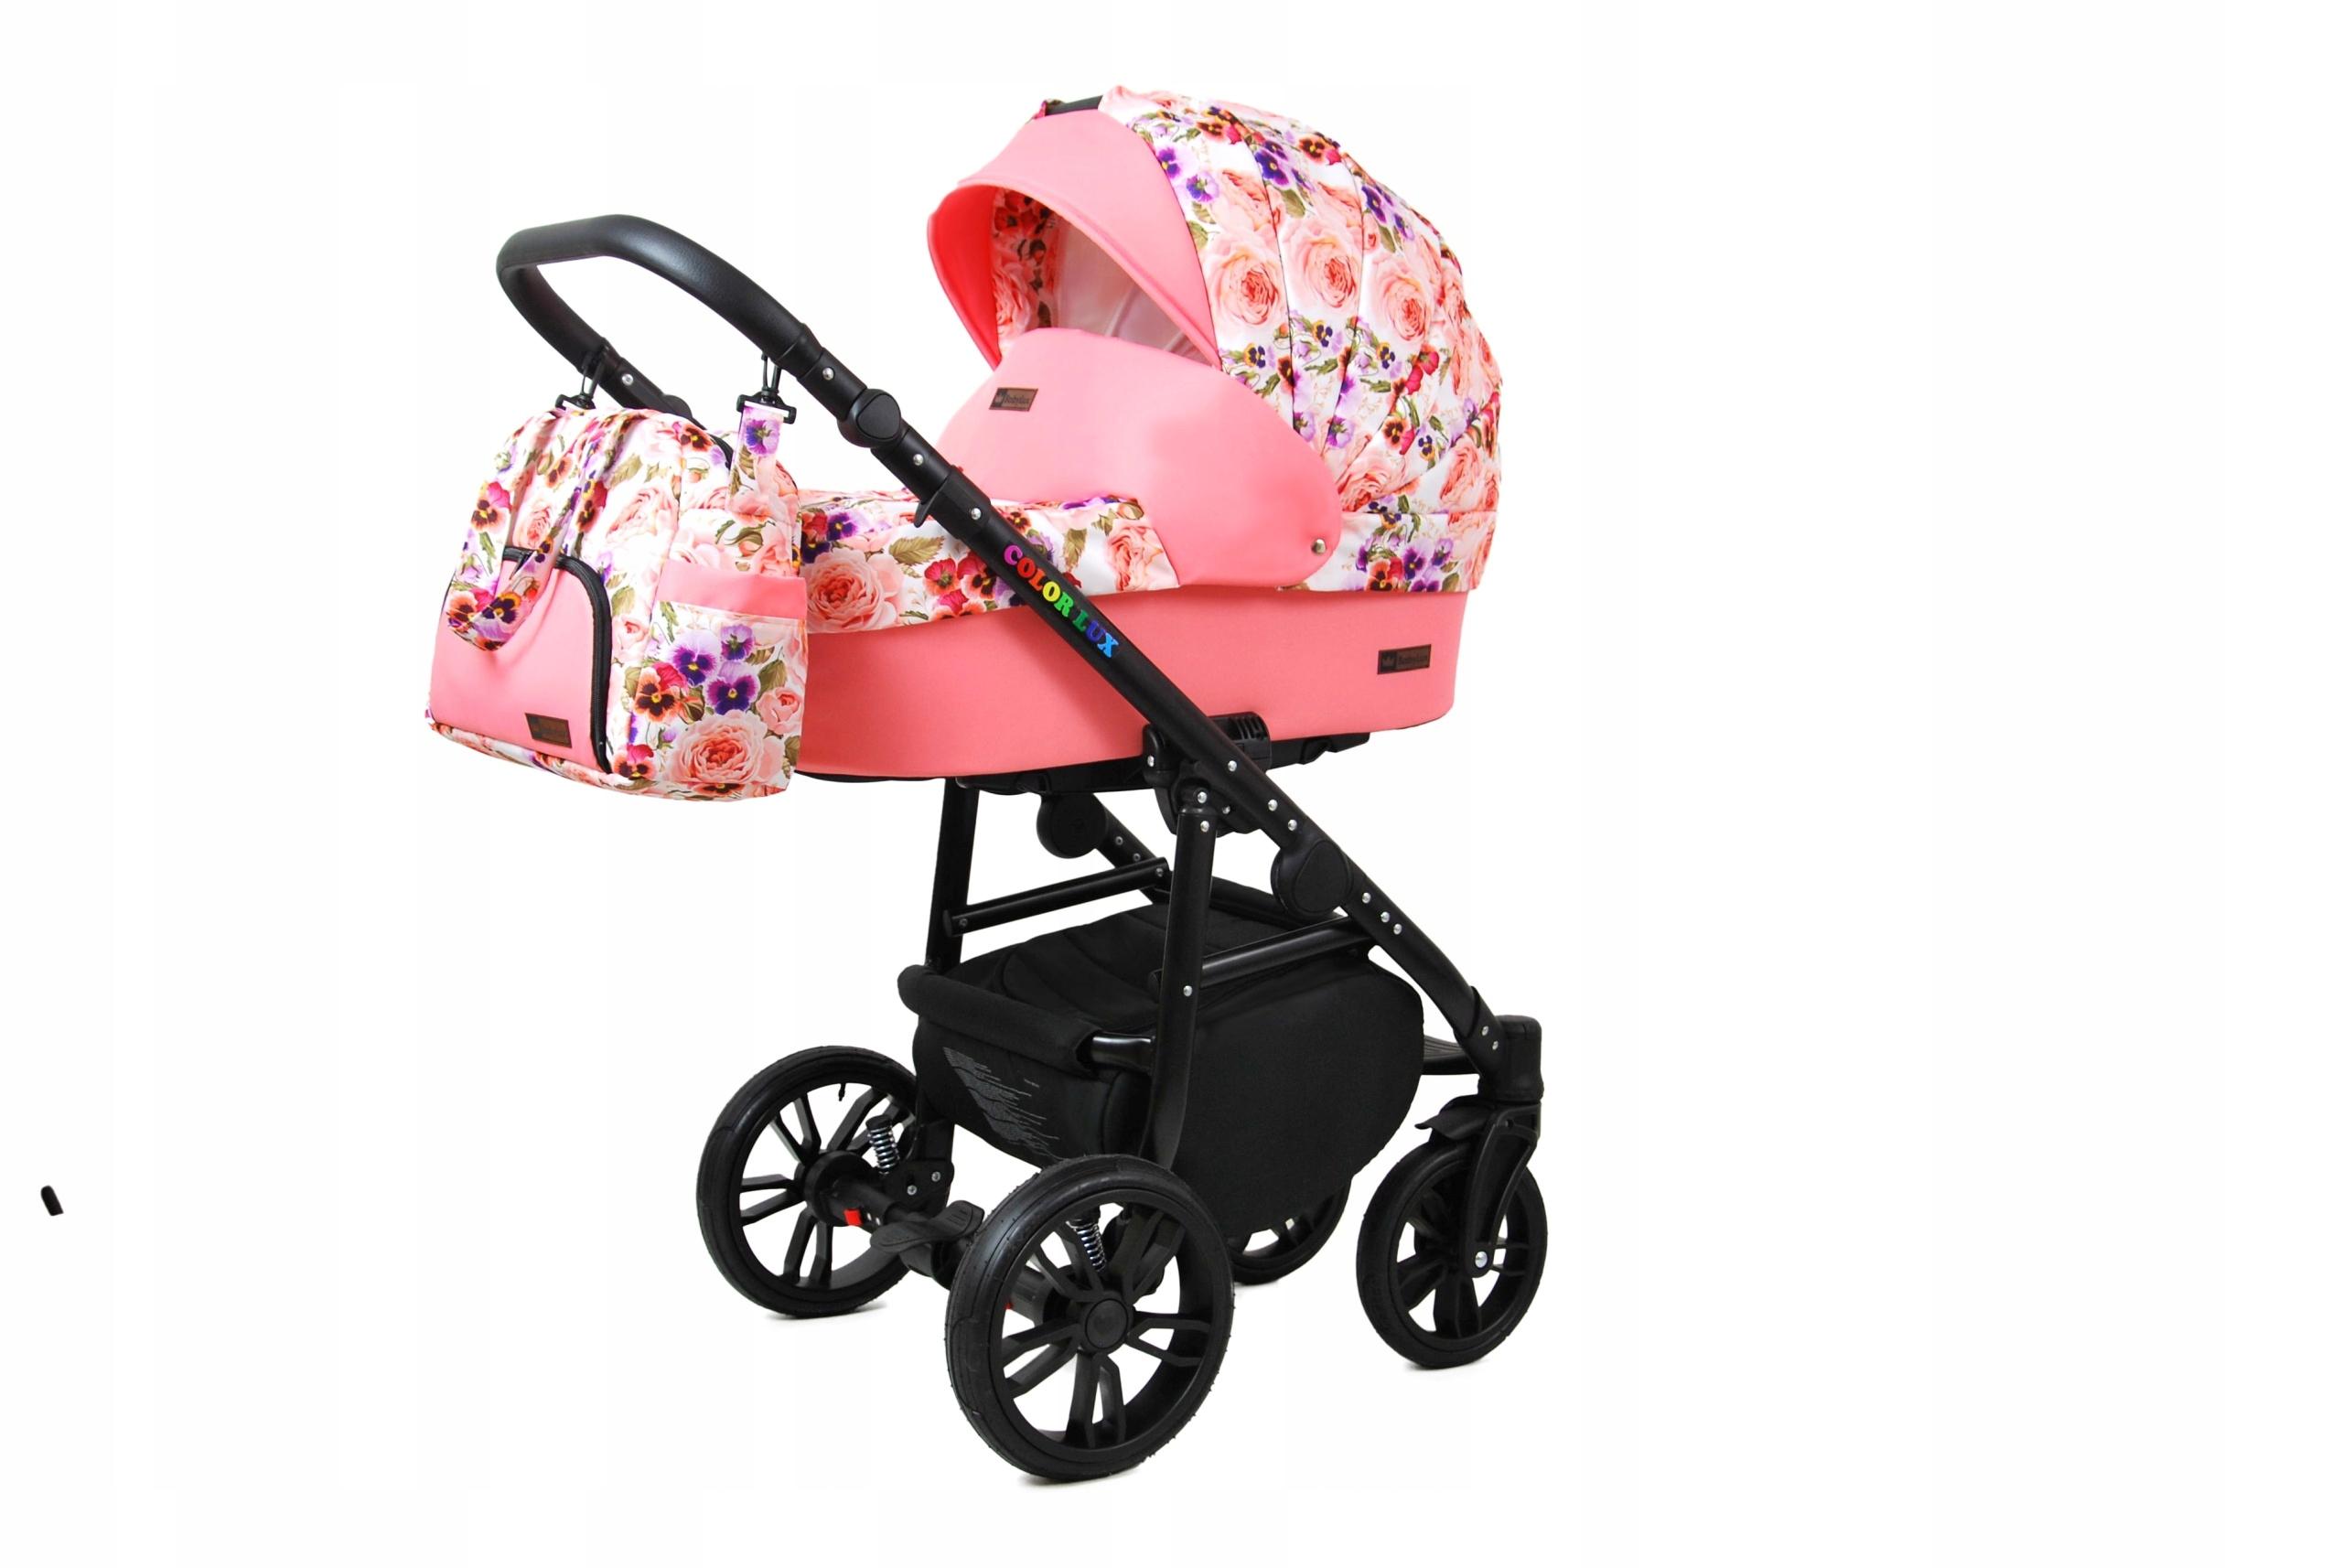 Raf Dětský kombinovaný kočárek Color Lux – 2v1 Barva kočárku Color Lux: Růžová / černá